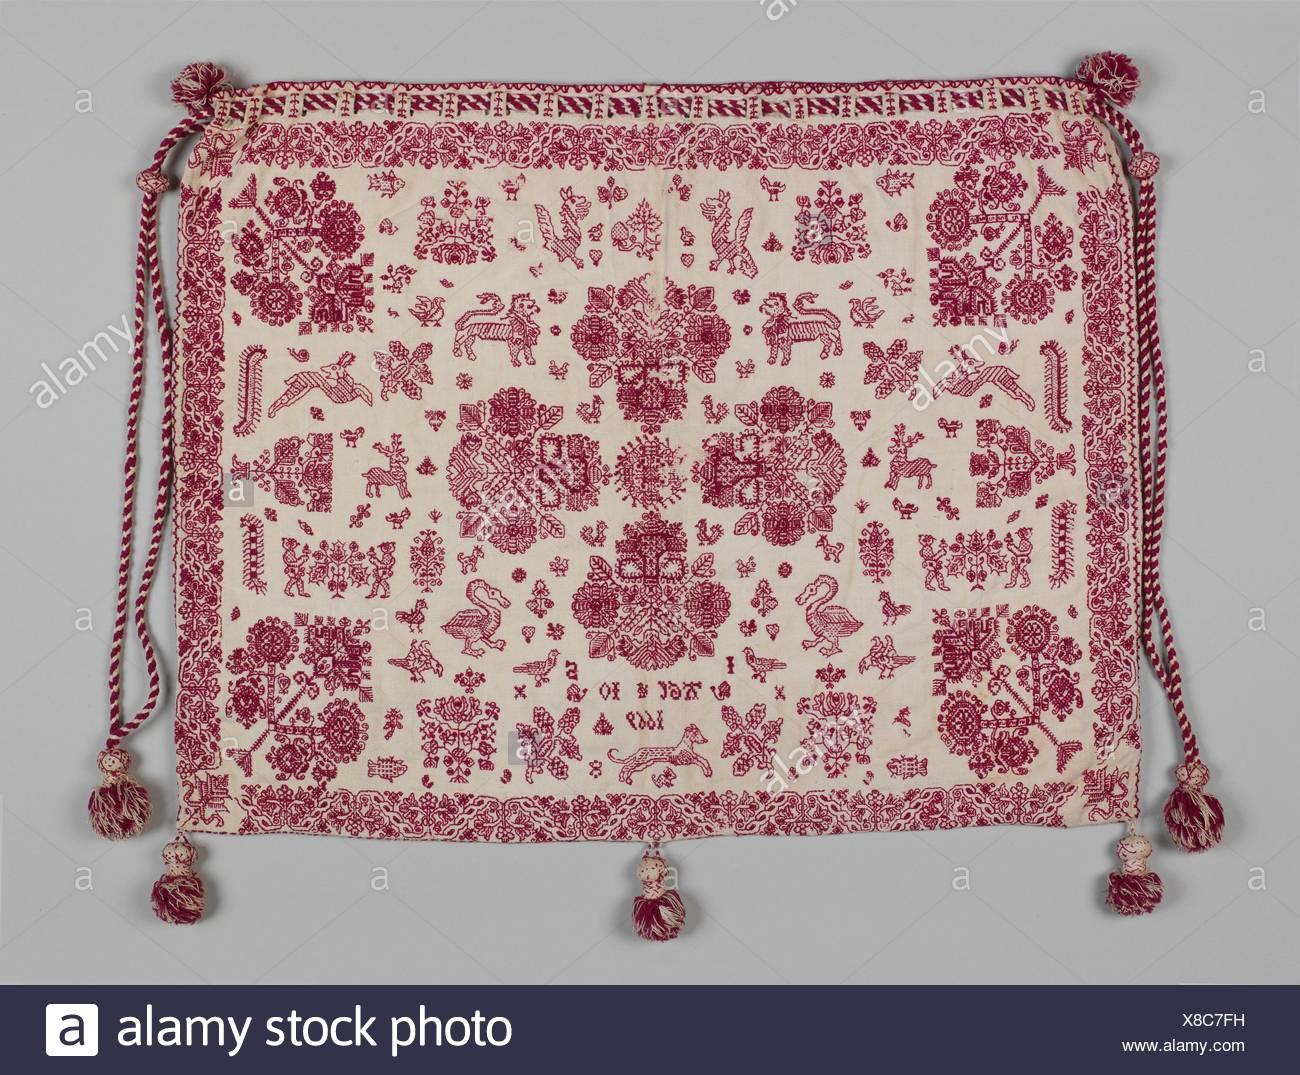 bc9d986cc9 Borsa da lavoro. Data: 1669; Cultura: British; medie: Lino lavorato con filo  di lana; doppio acceso e cuciture a spina di pesce; Dimensioni: in generale,